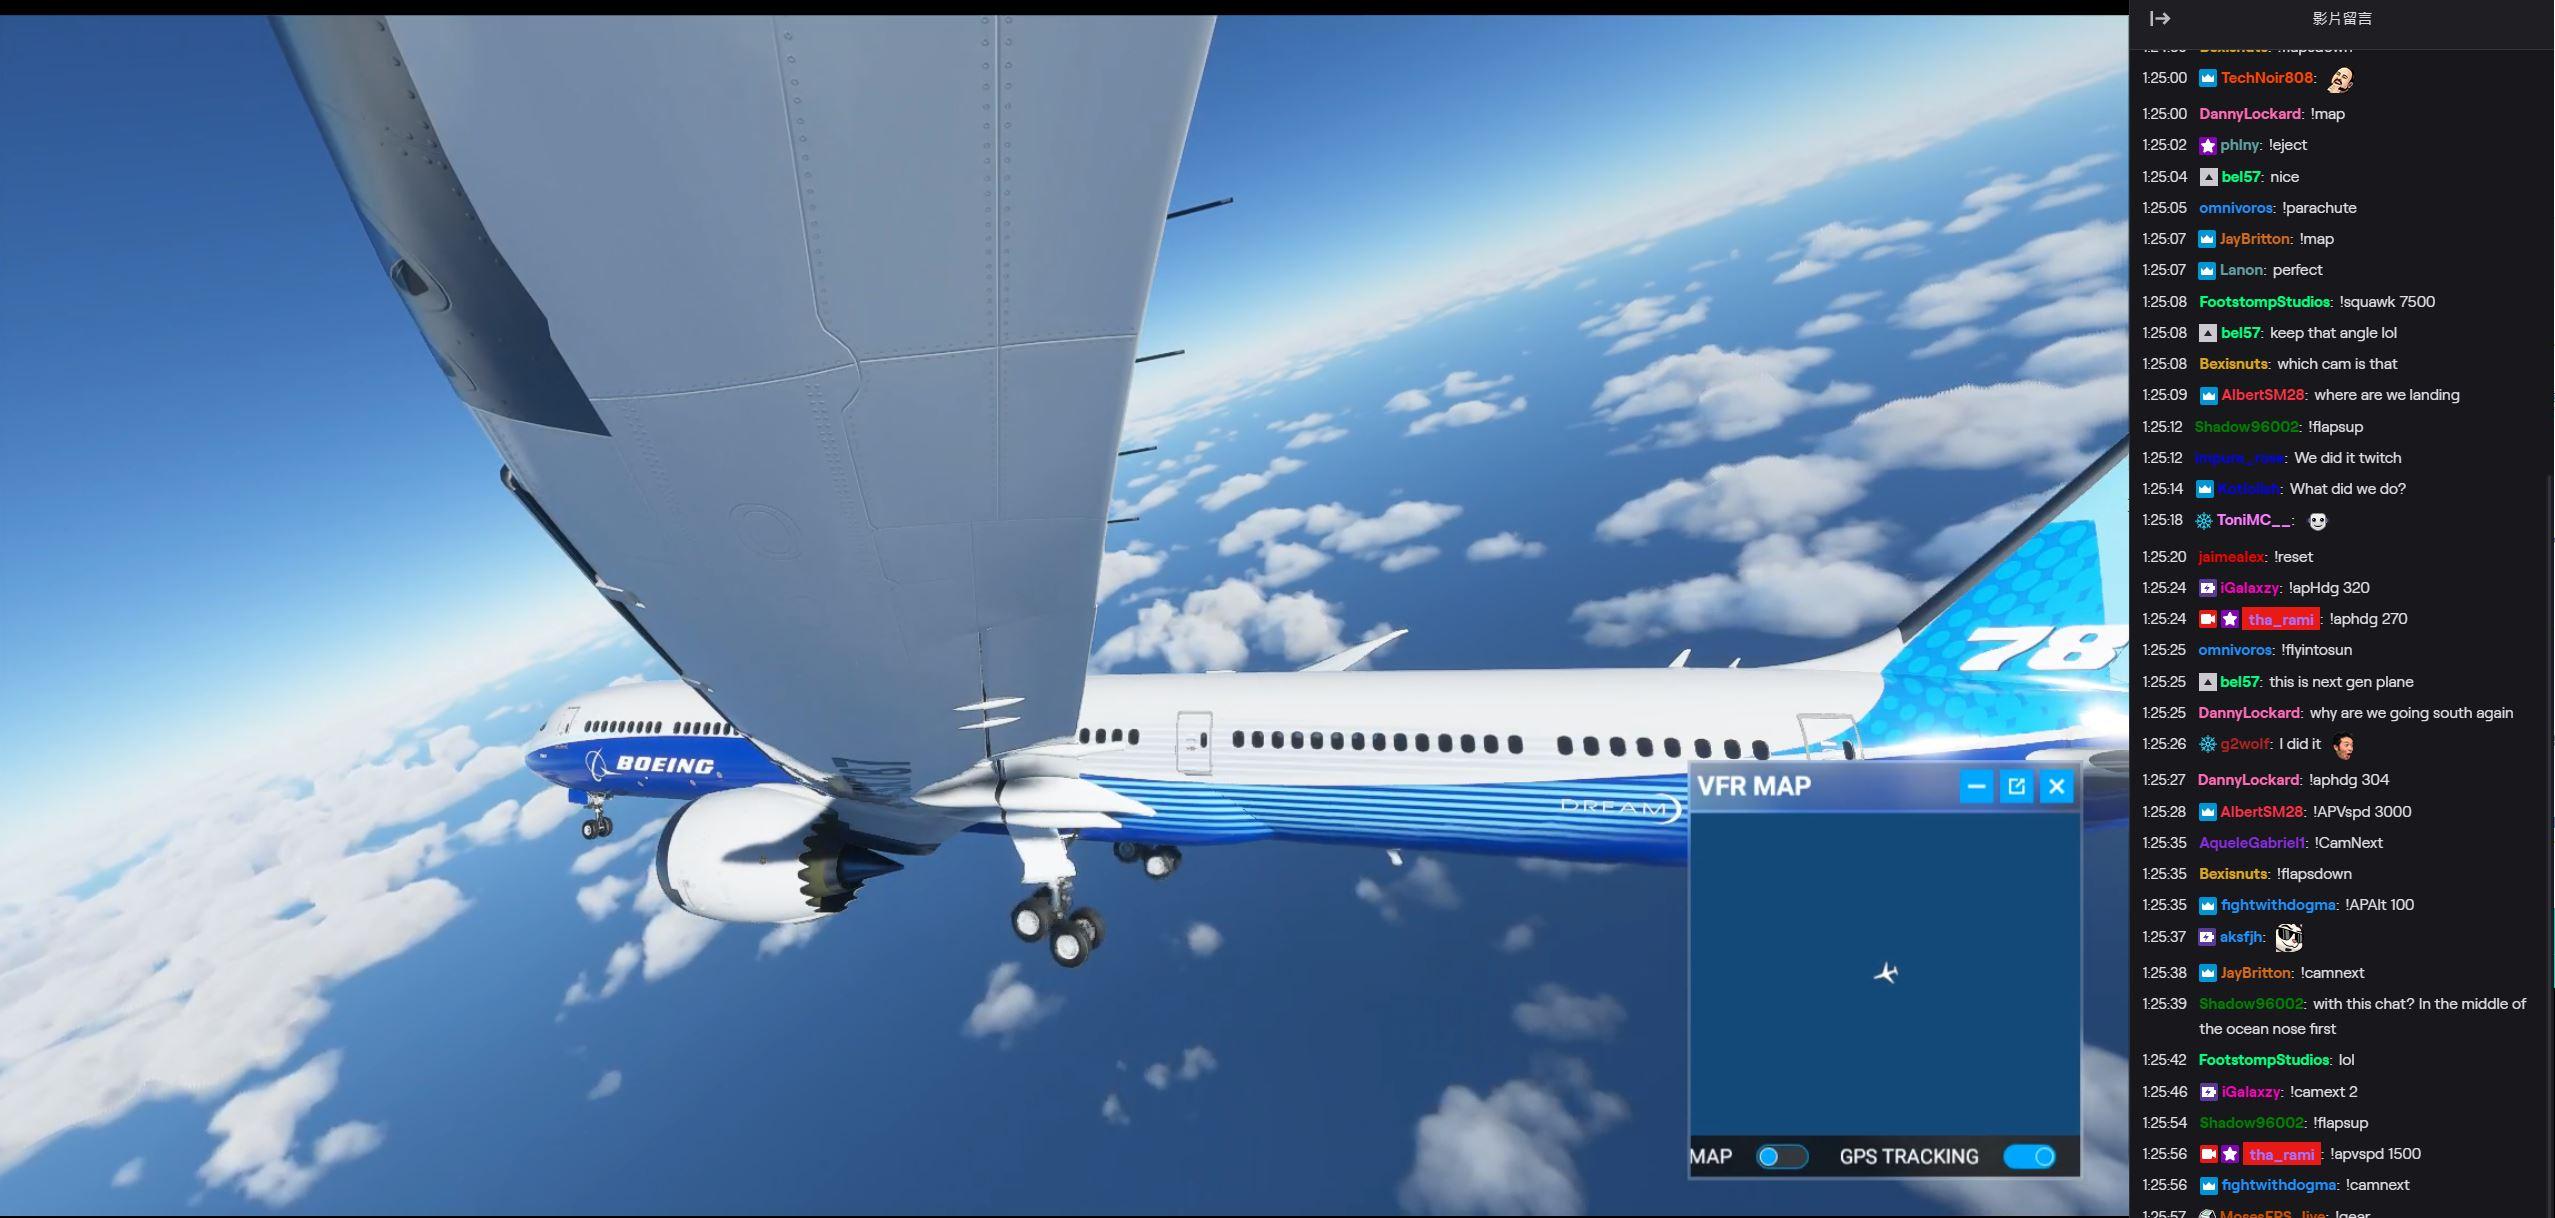 從頭到尾飛機的輪子都沒收進去XD(圖源:Twitch/tha_rami)